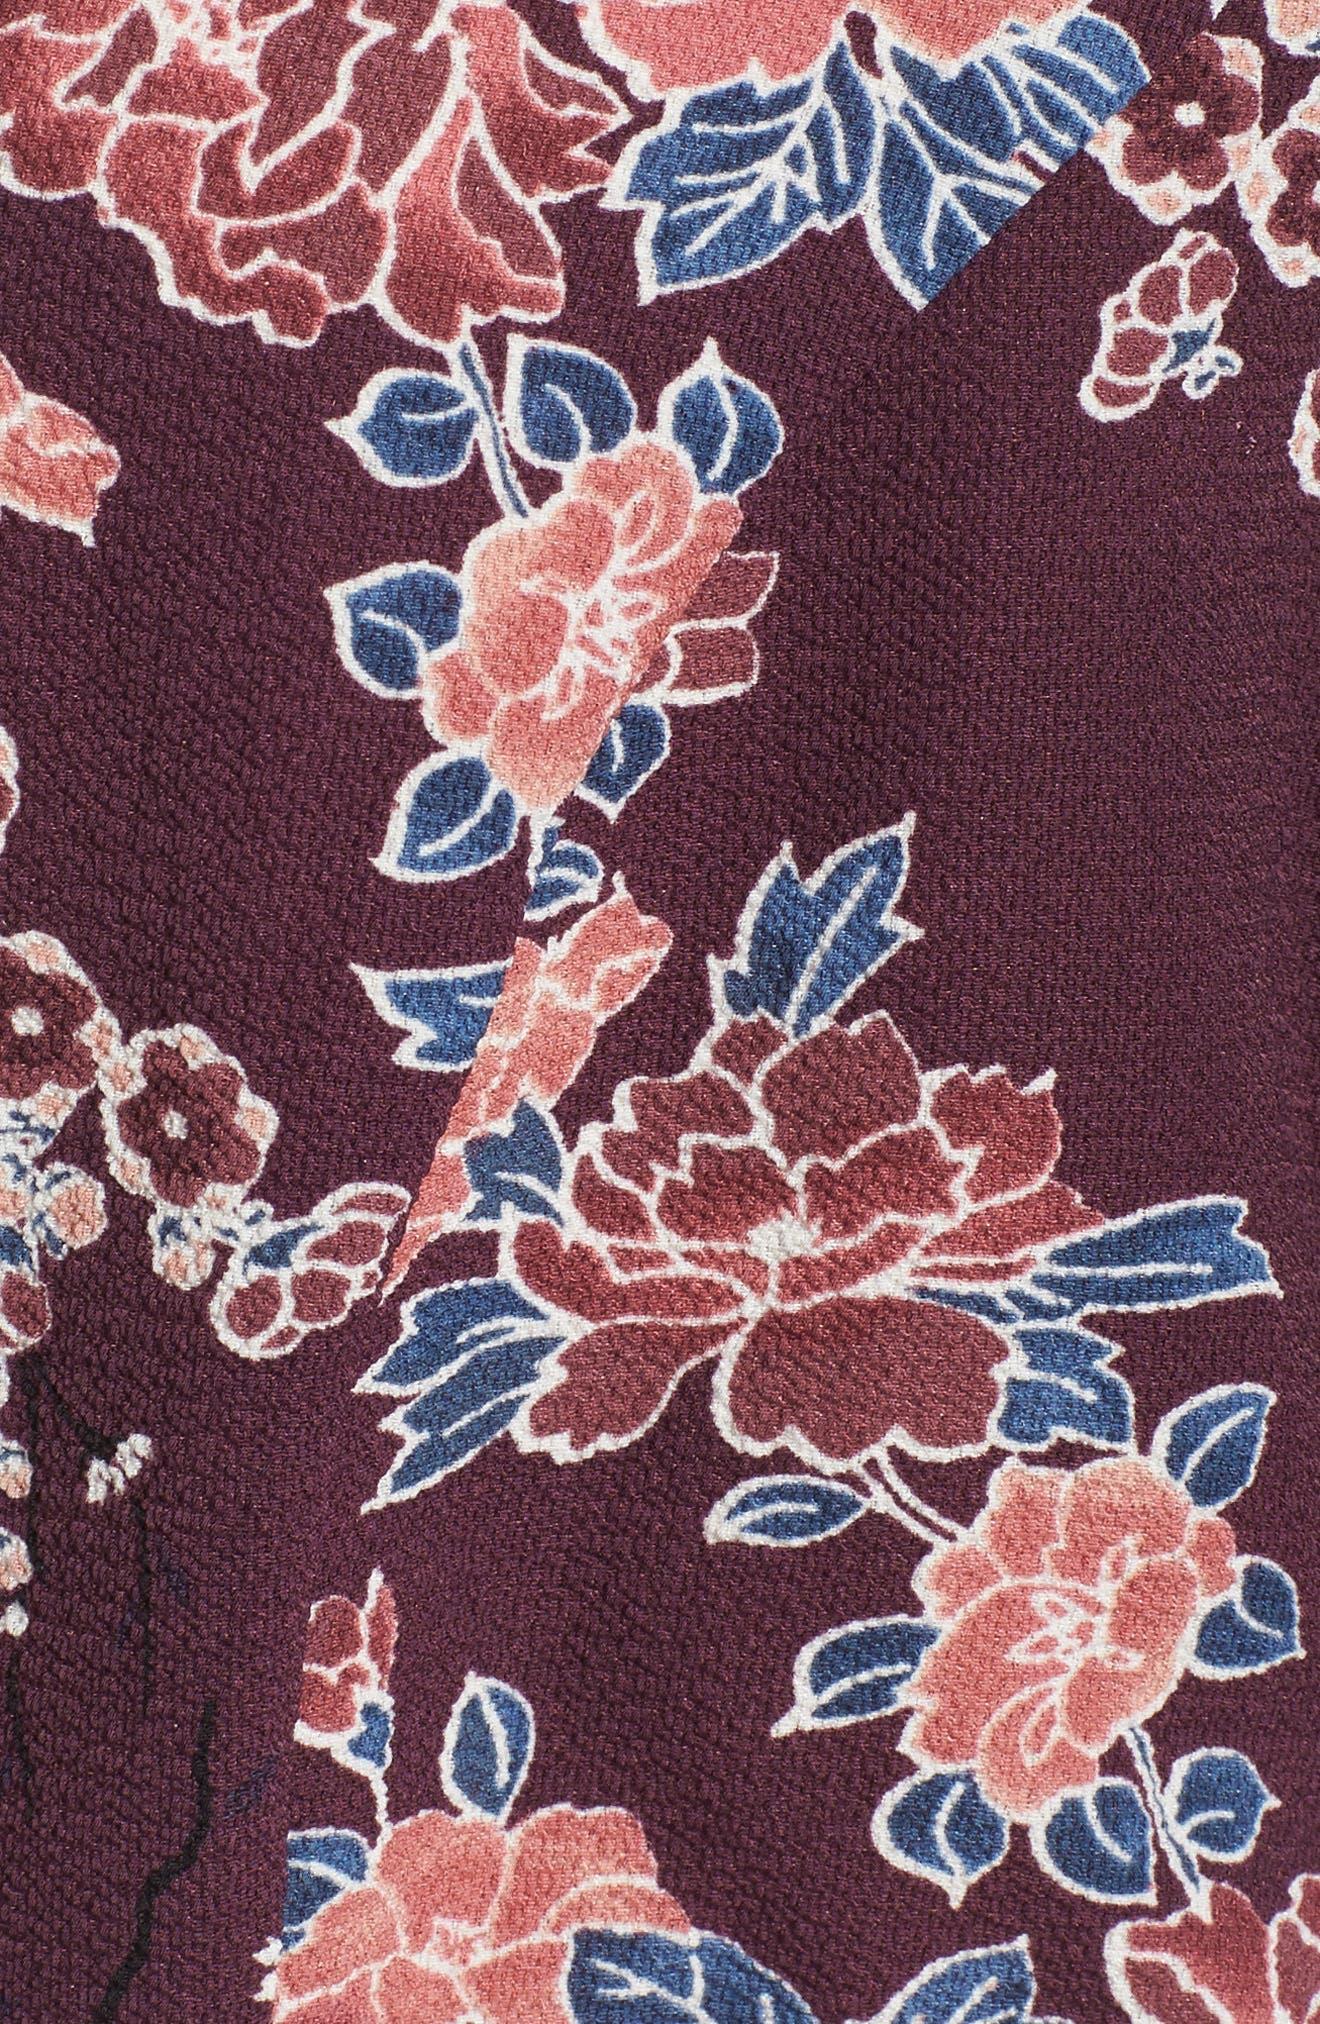 Floral Print Romper,                             Alternate thumbnail 5, color,                             Plum Floral